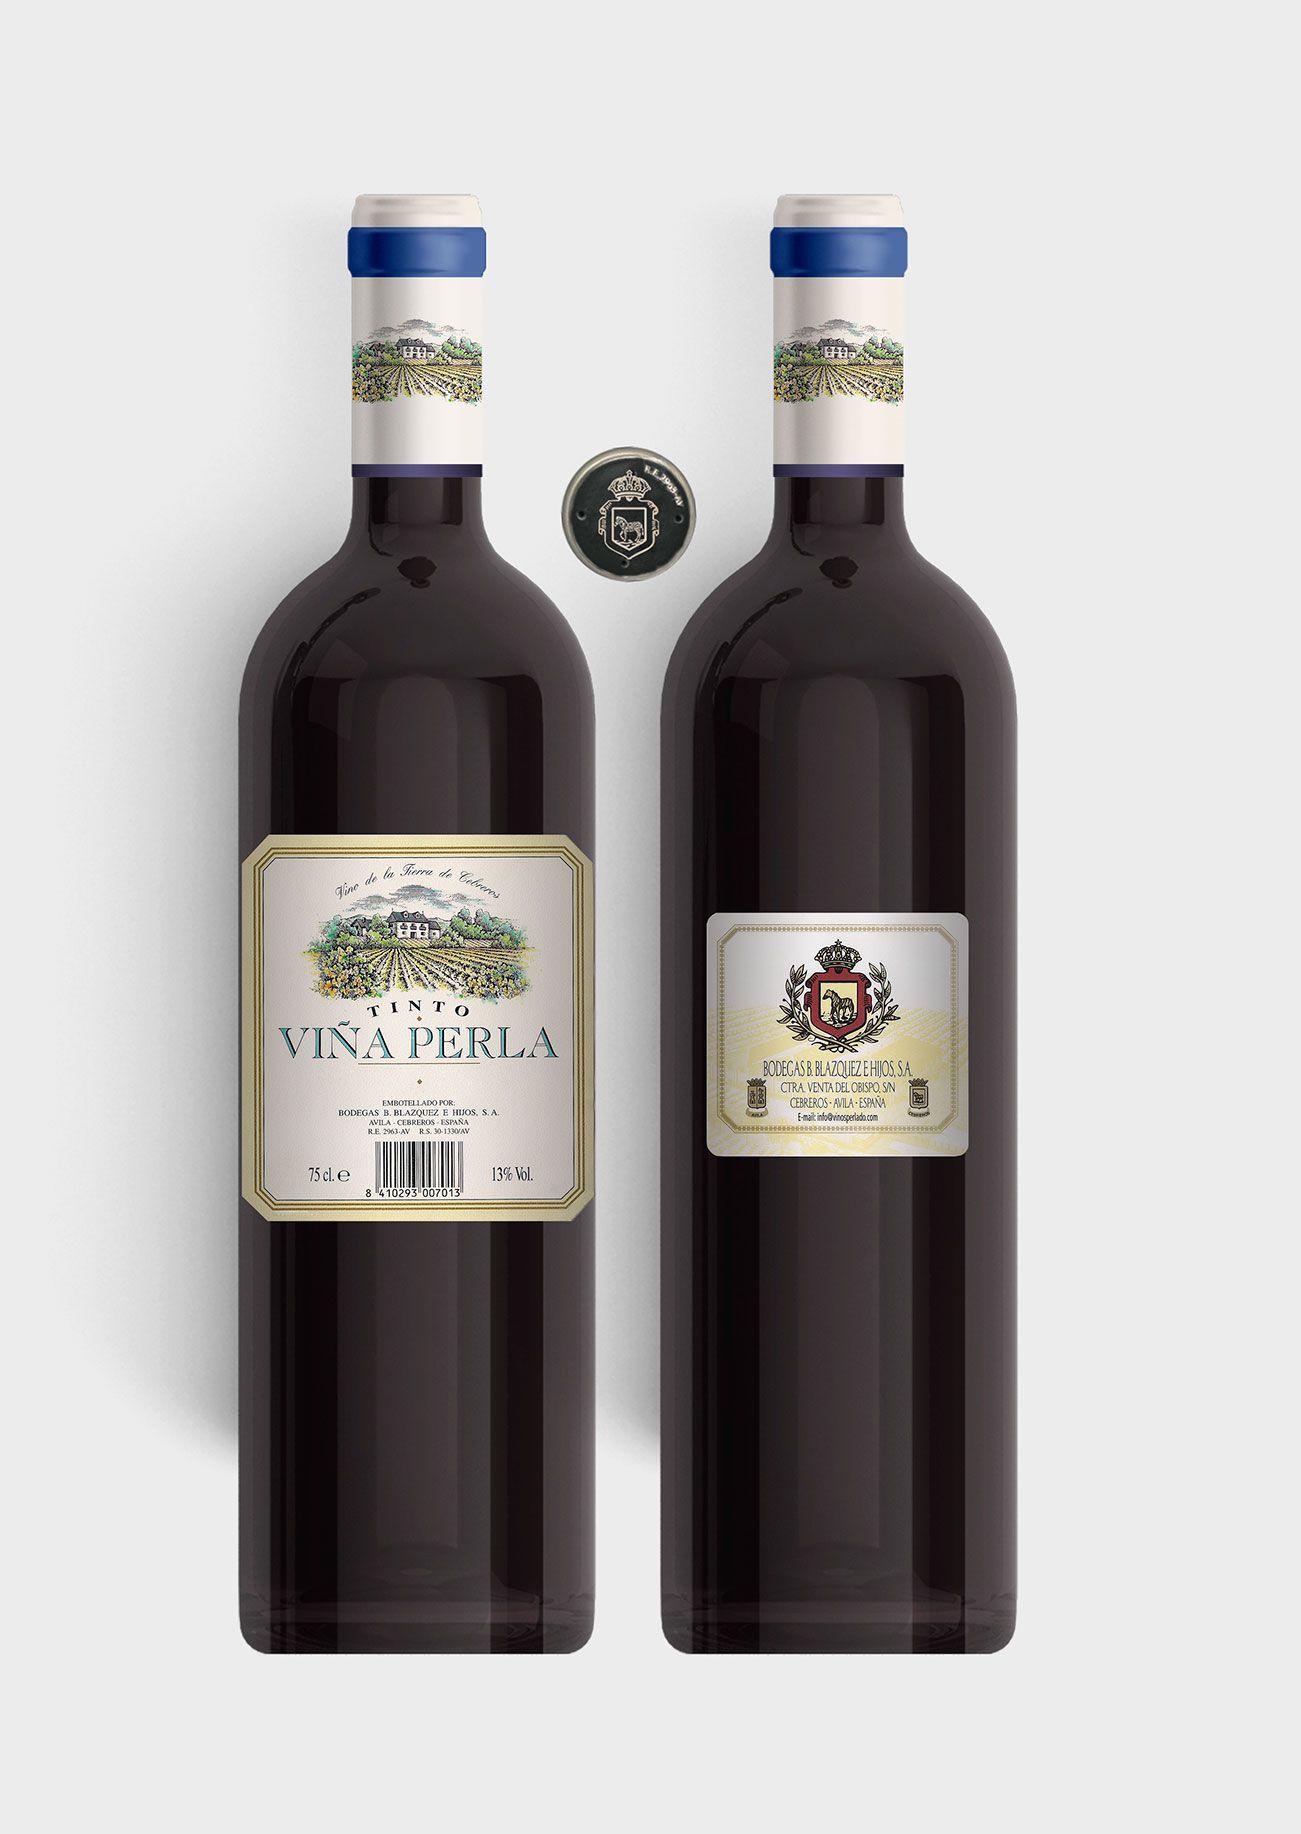 Benito Blázquez - Botella vino tinto Viña Perla